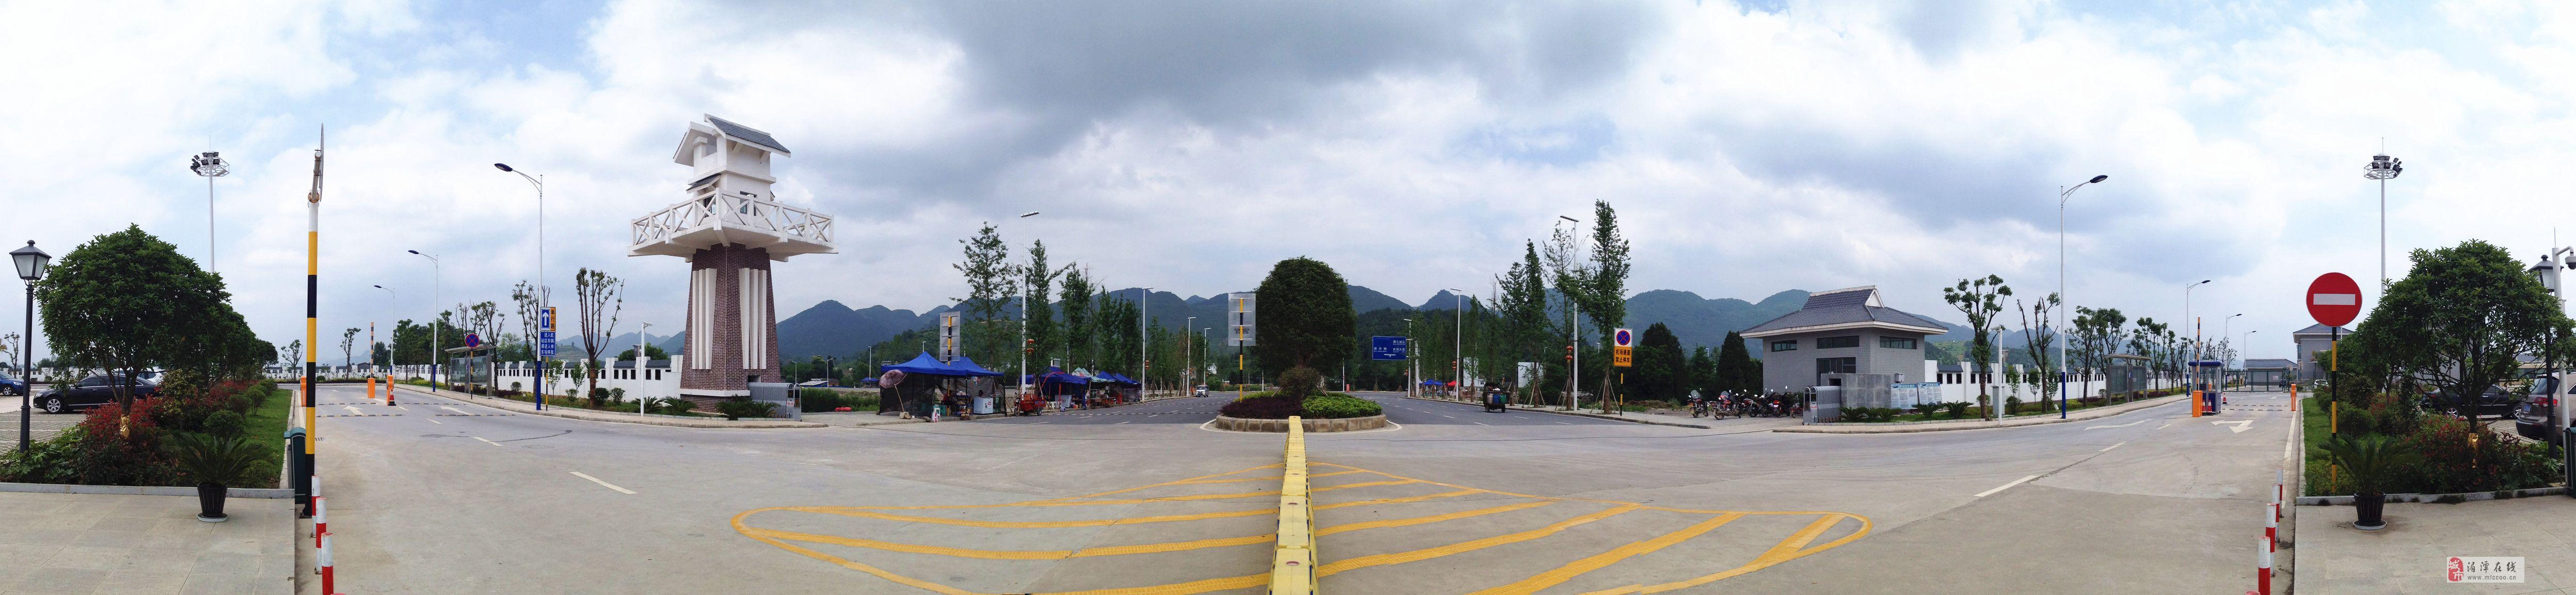 这次遵义新舟机场开通西安至三亚经停遵义的航班